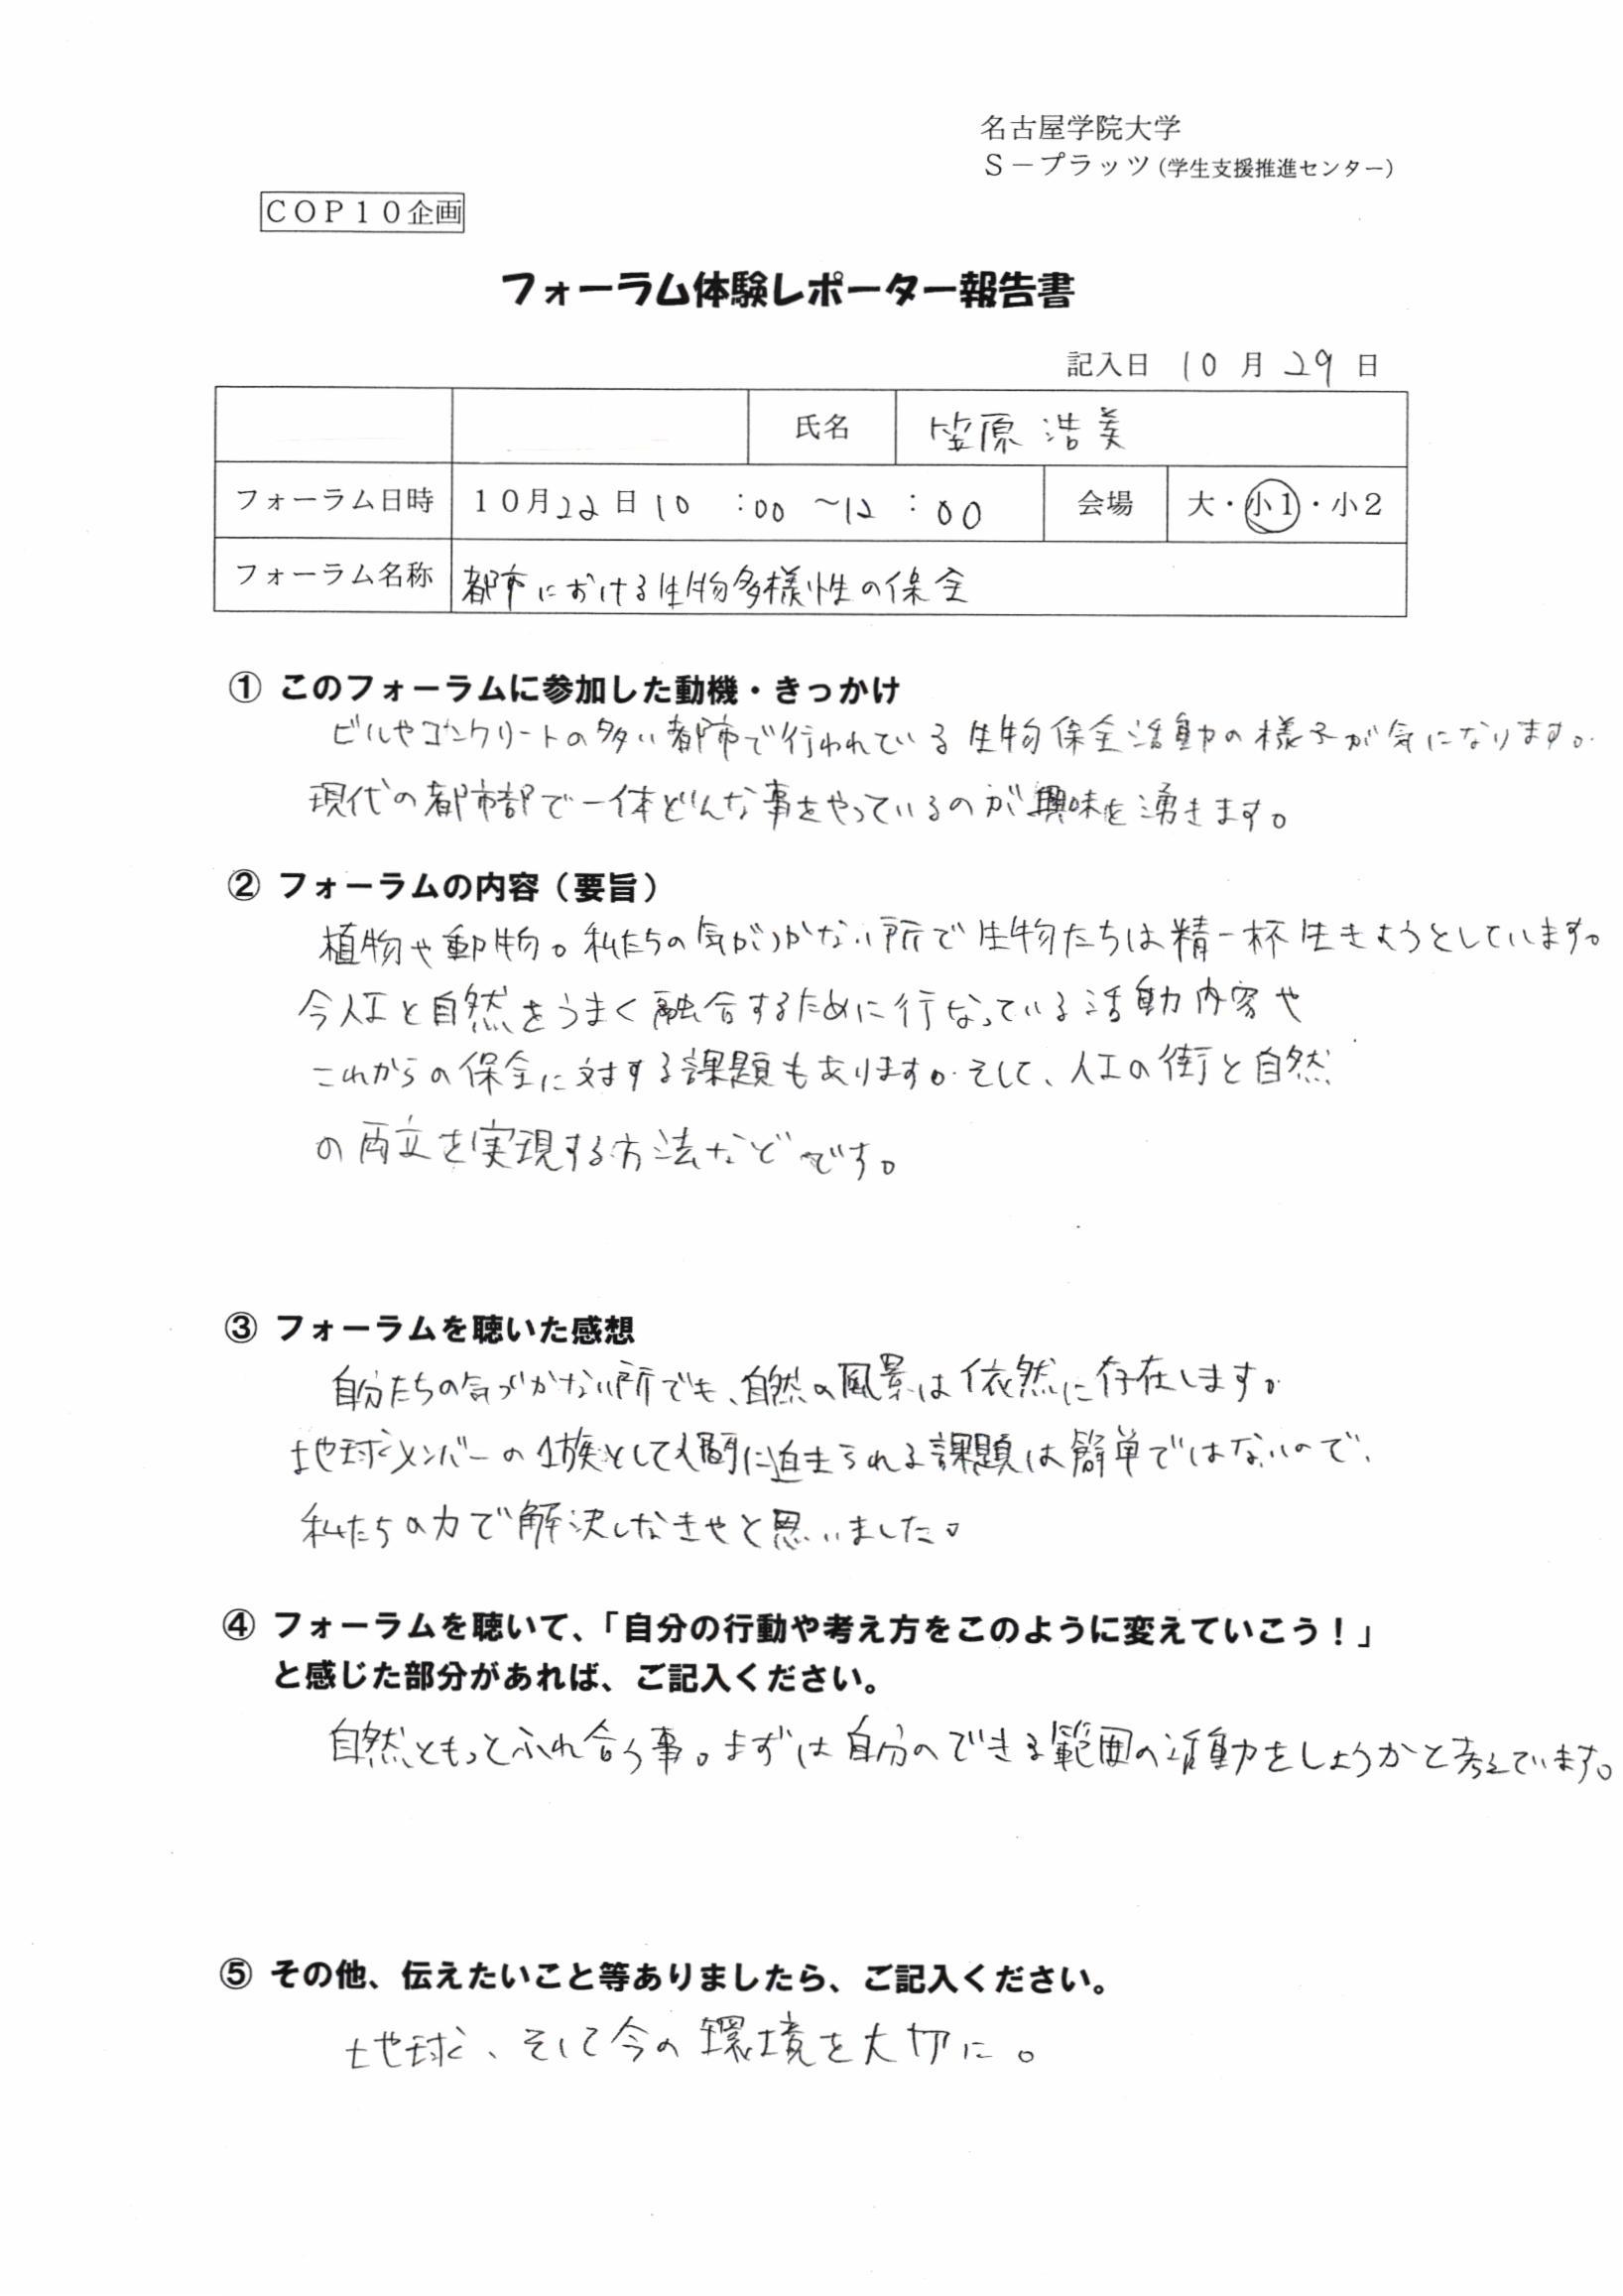 フォーラム体験レポーター報告笠原